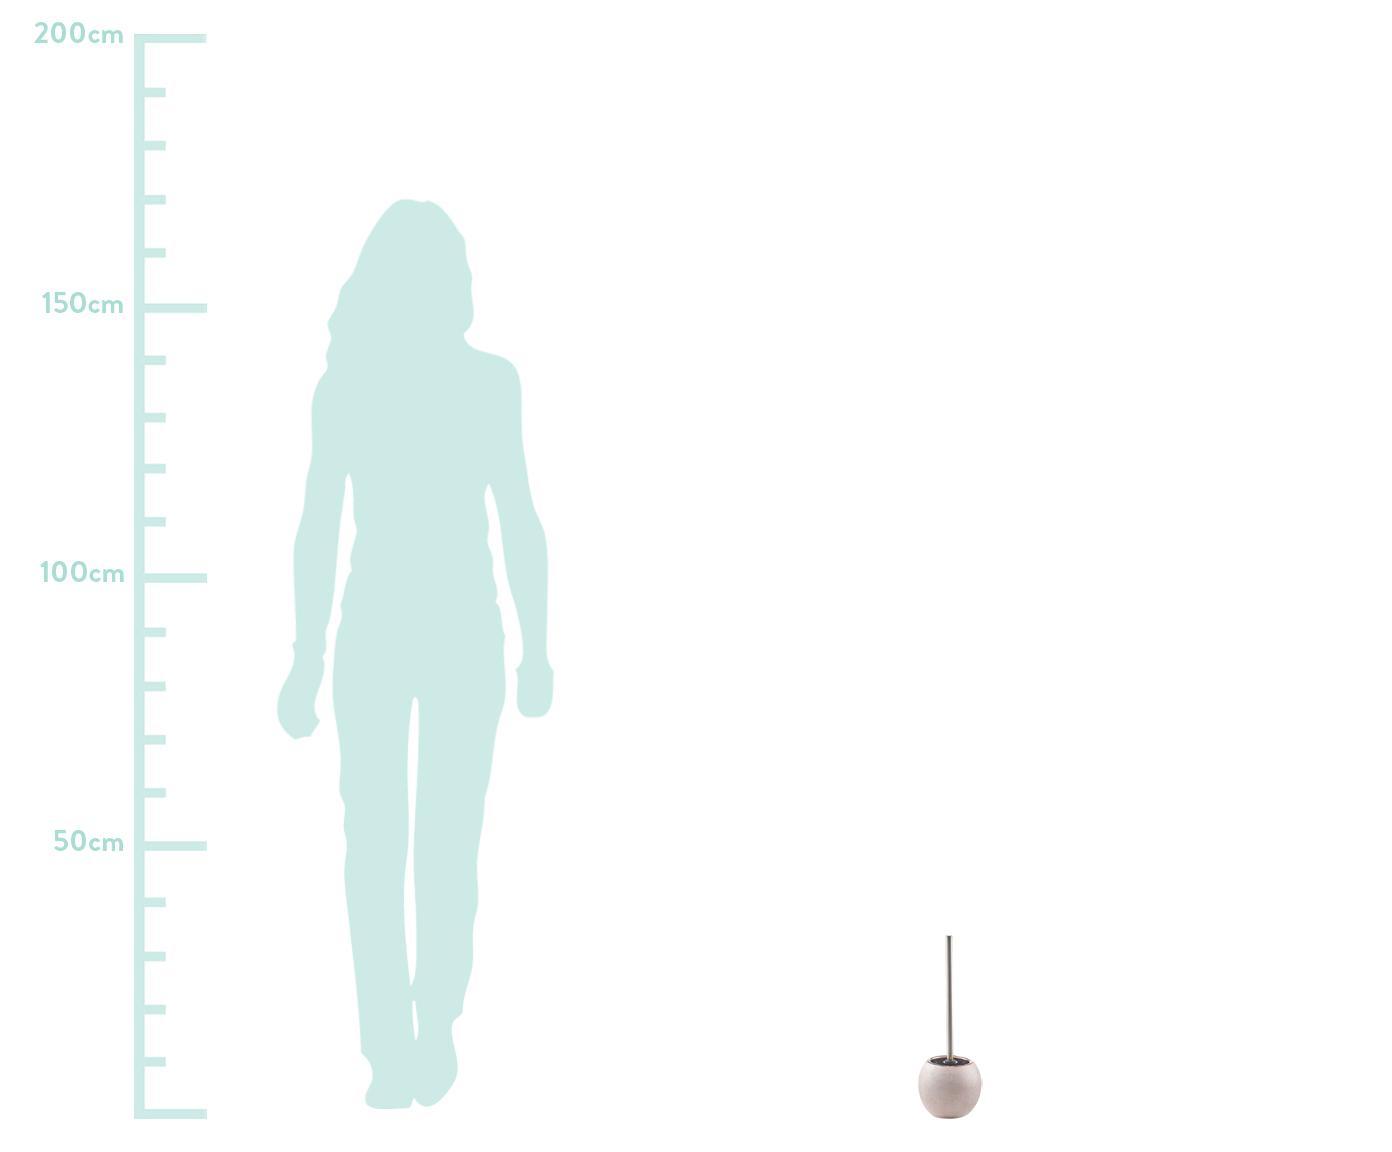 Toilettenbürste Glitter aus Steingut, Behälter: Steingut, Griff: Metall, Rosegoldfarben, Ø 12 x H 34 cm